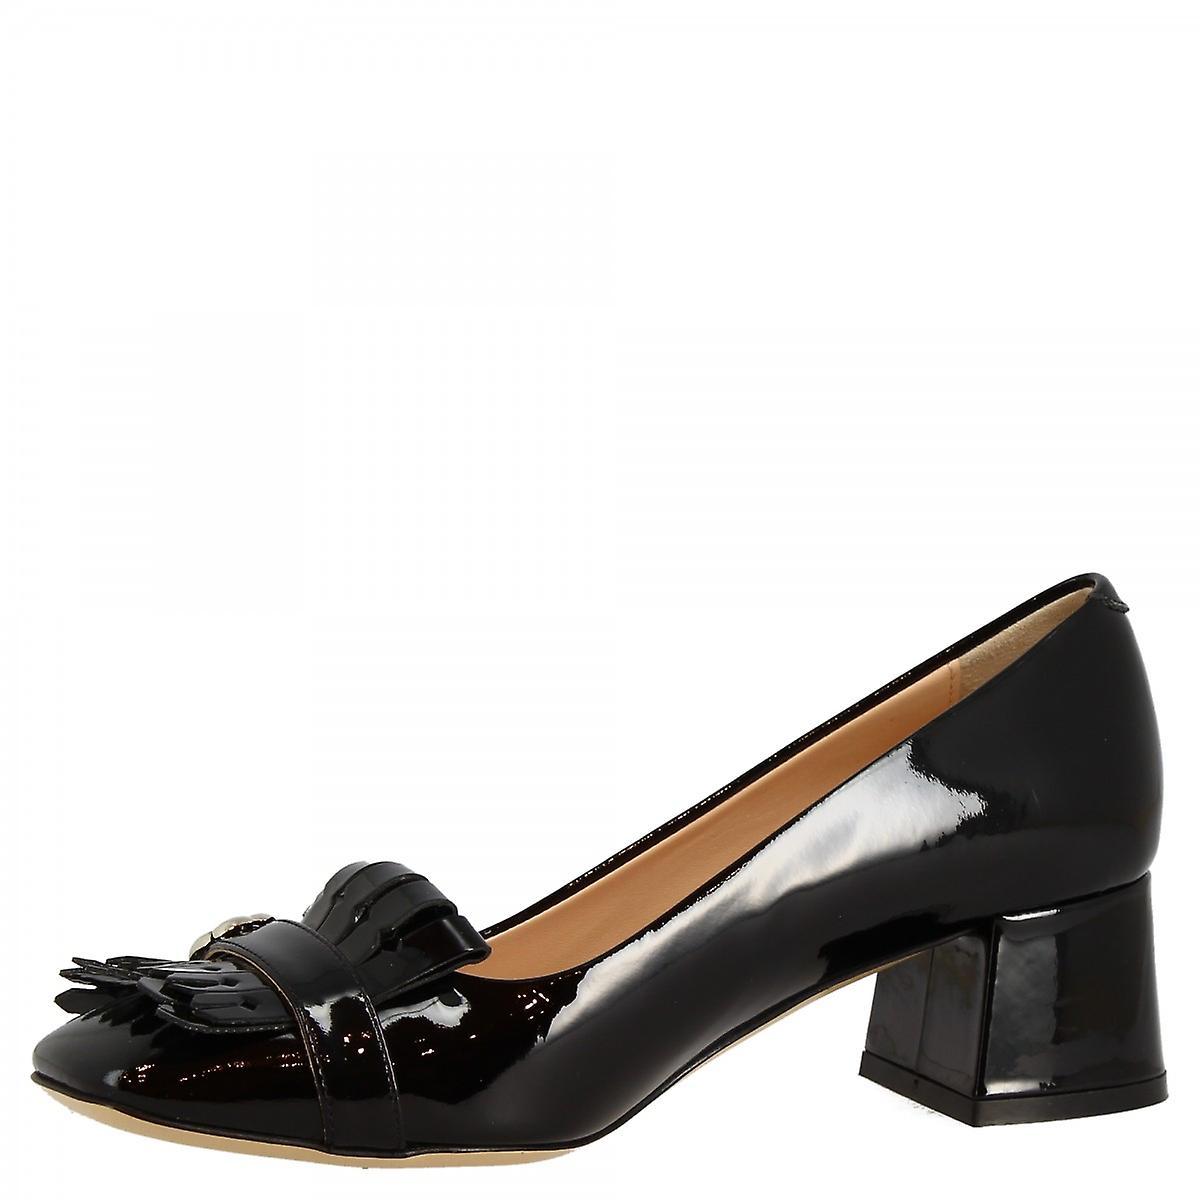 Chaussures À Talons Faits La Main Pour Femmes En Cuir Verni Noir Avec Des Bijoux